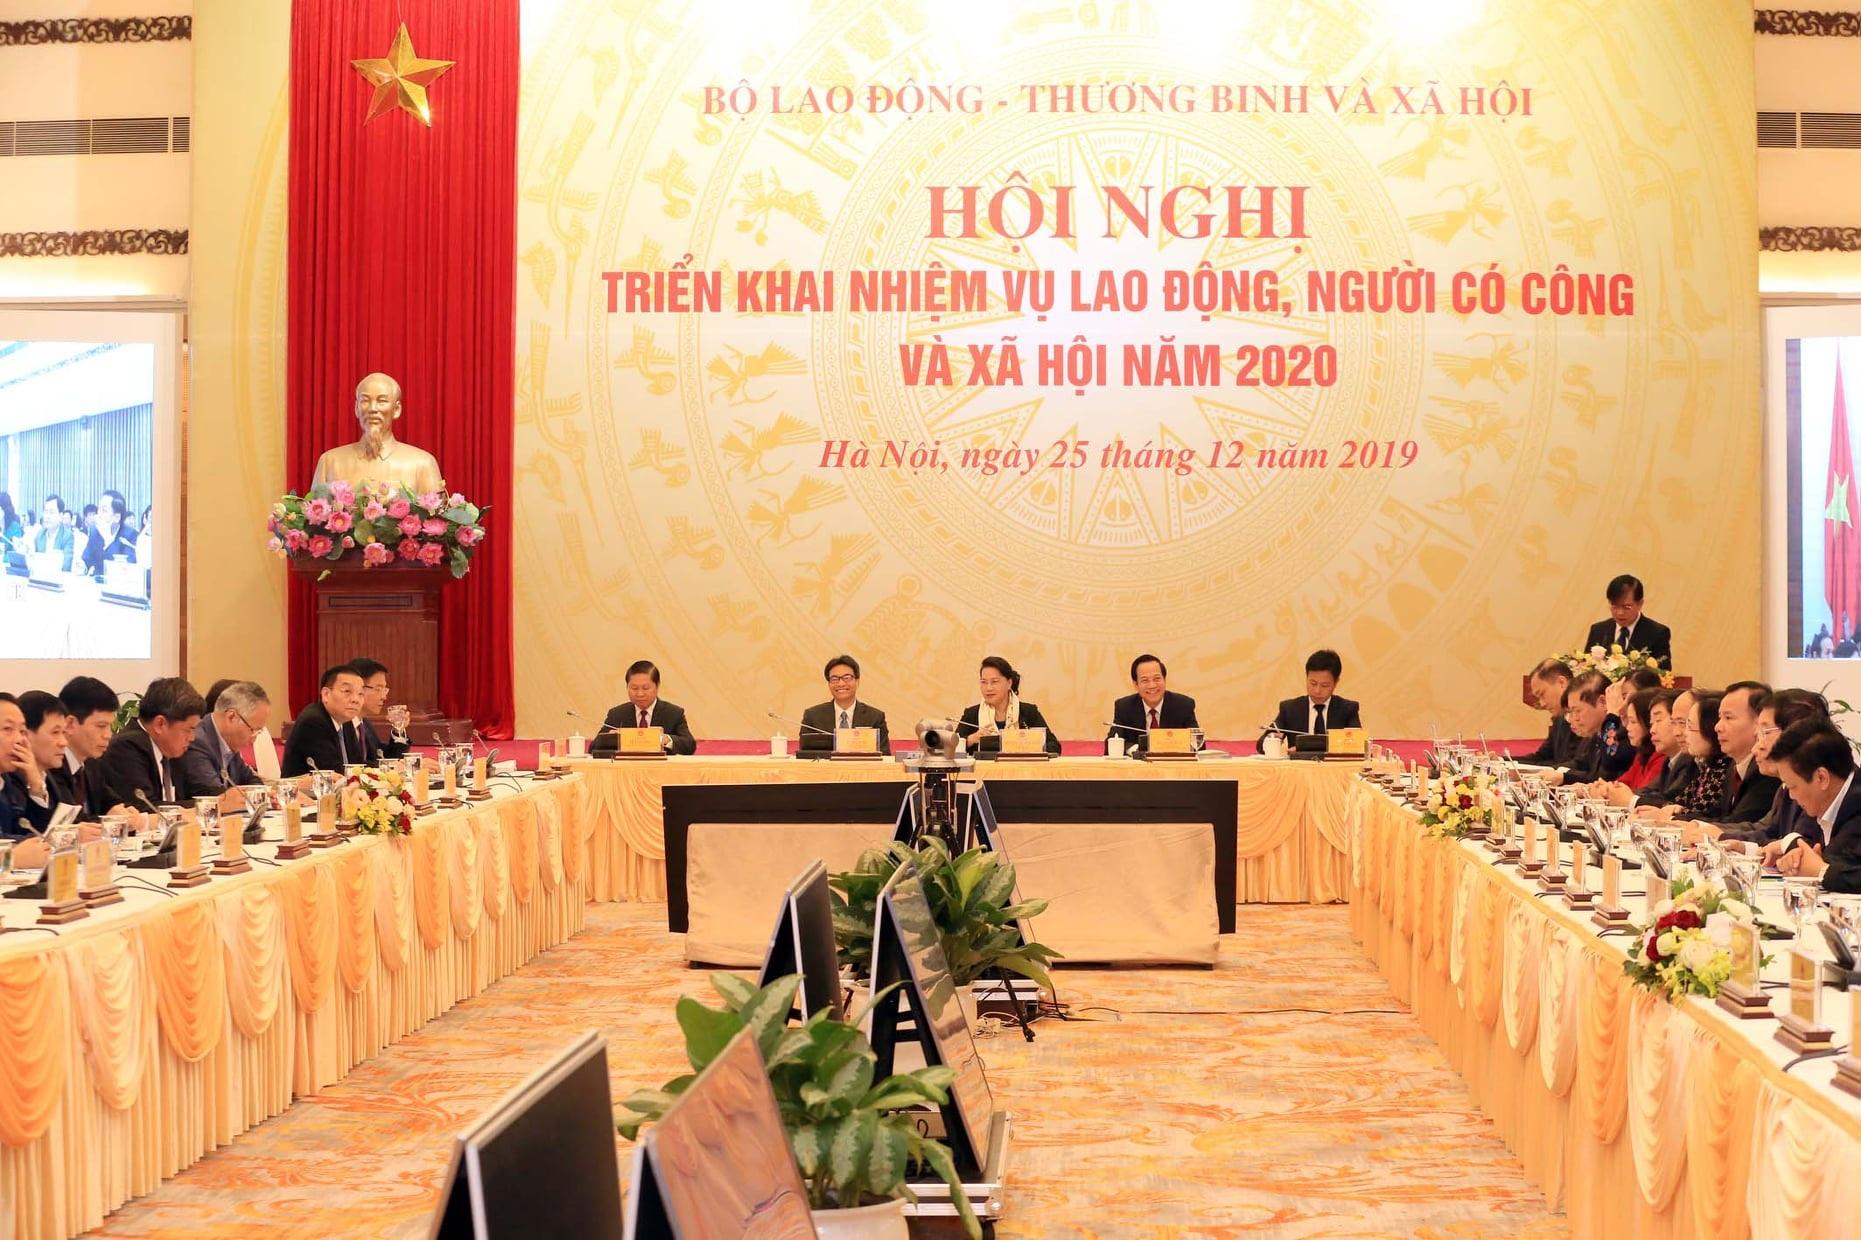 Bộ trưởng Đào Ngọc Dung: Cả nước tạo việc làm cho hơn 1,6 triệu lao động - 4